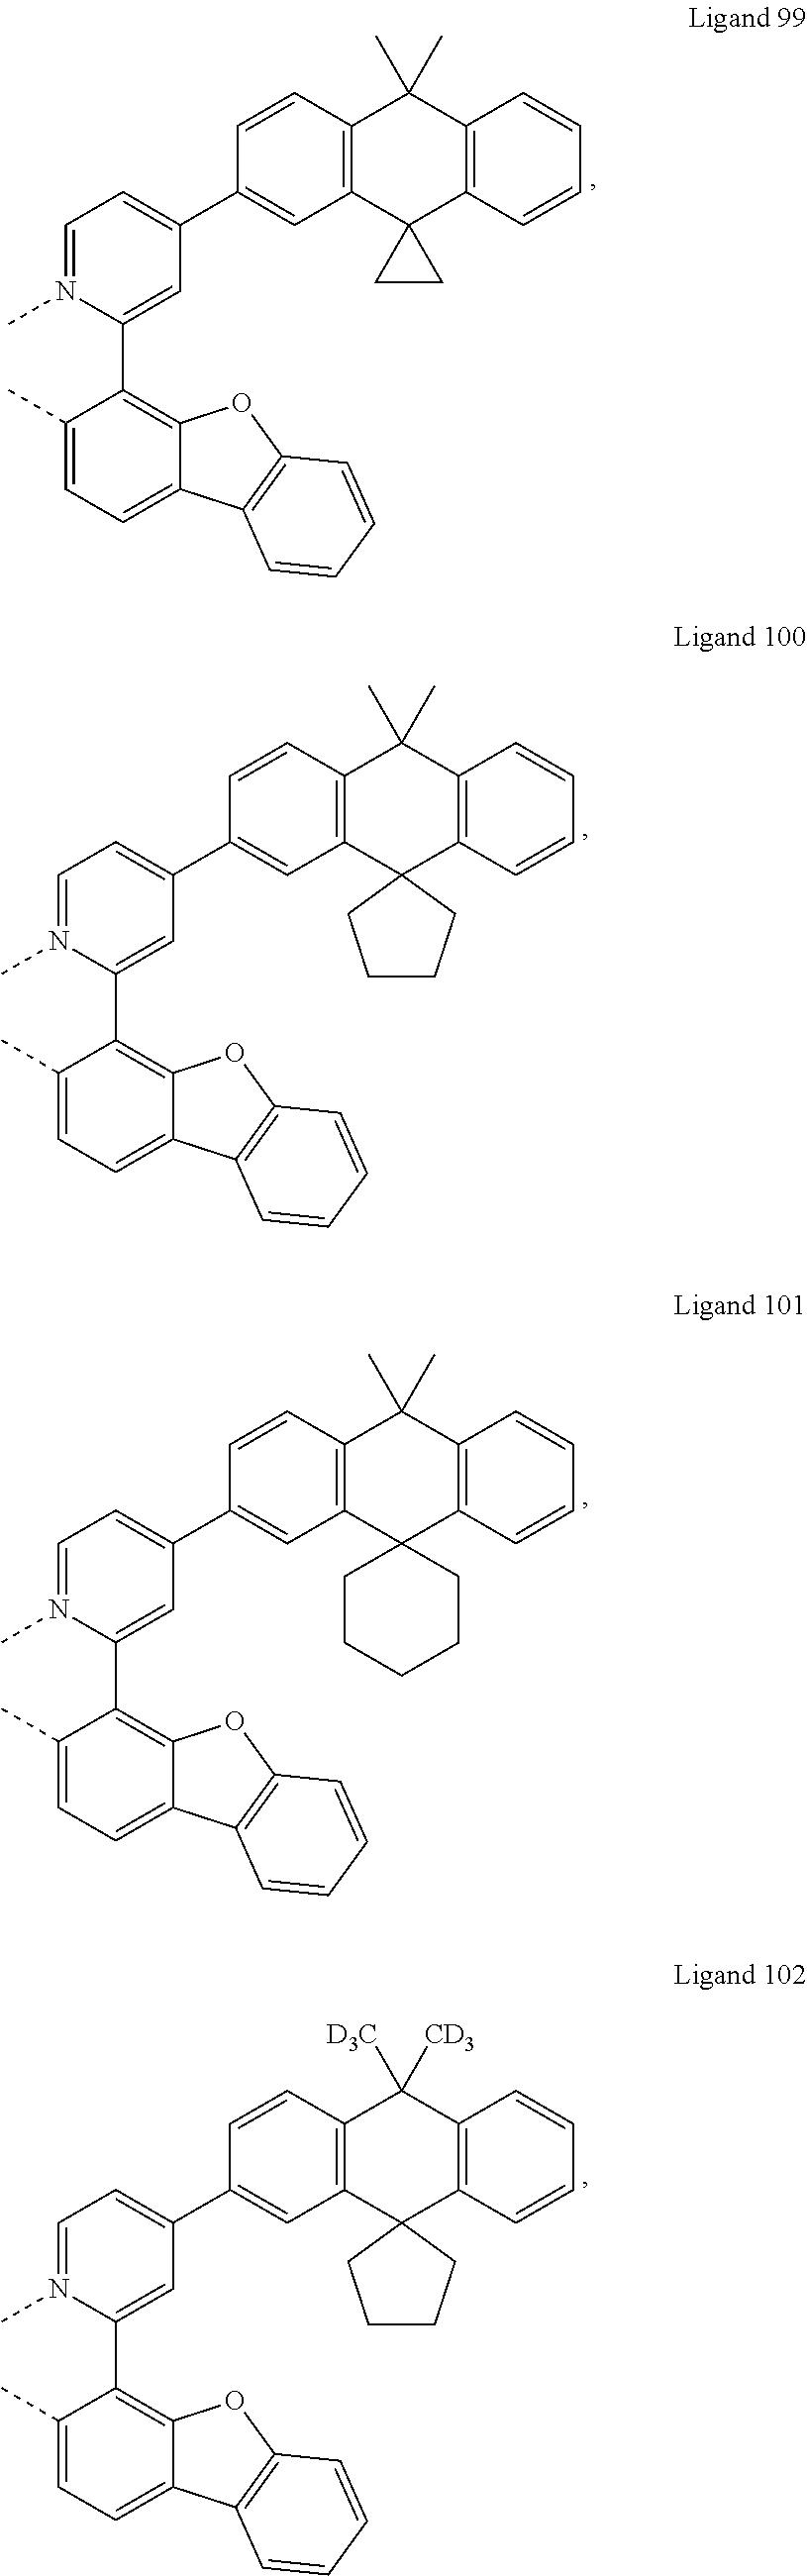 Figure US20180130962A1-20180510-C00057